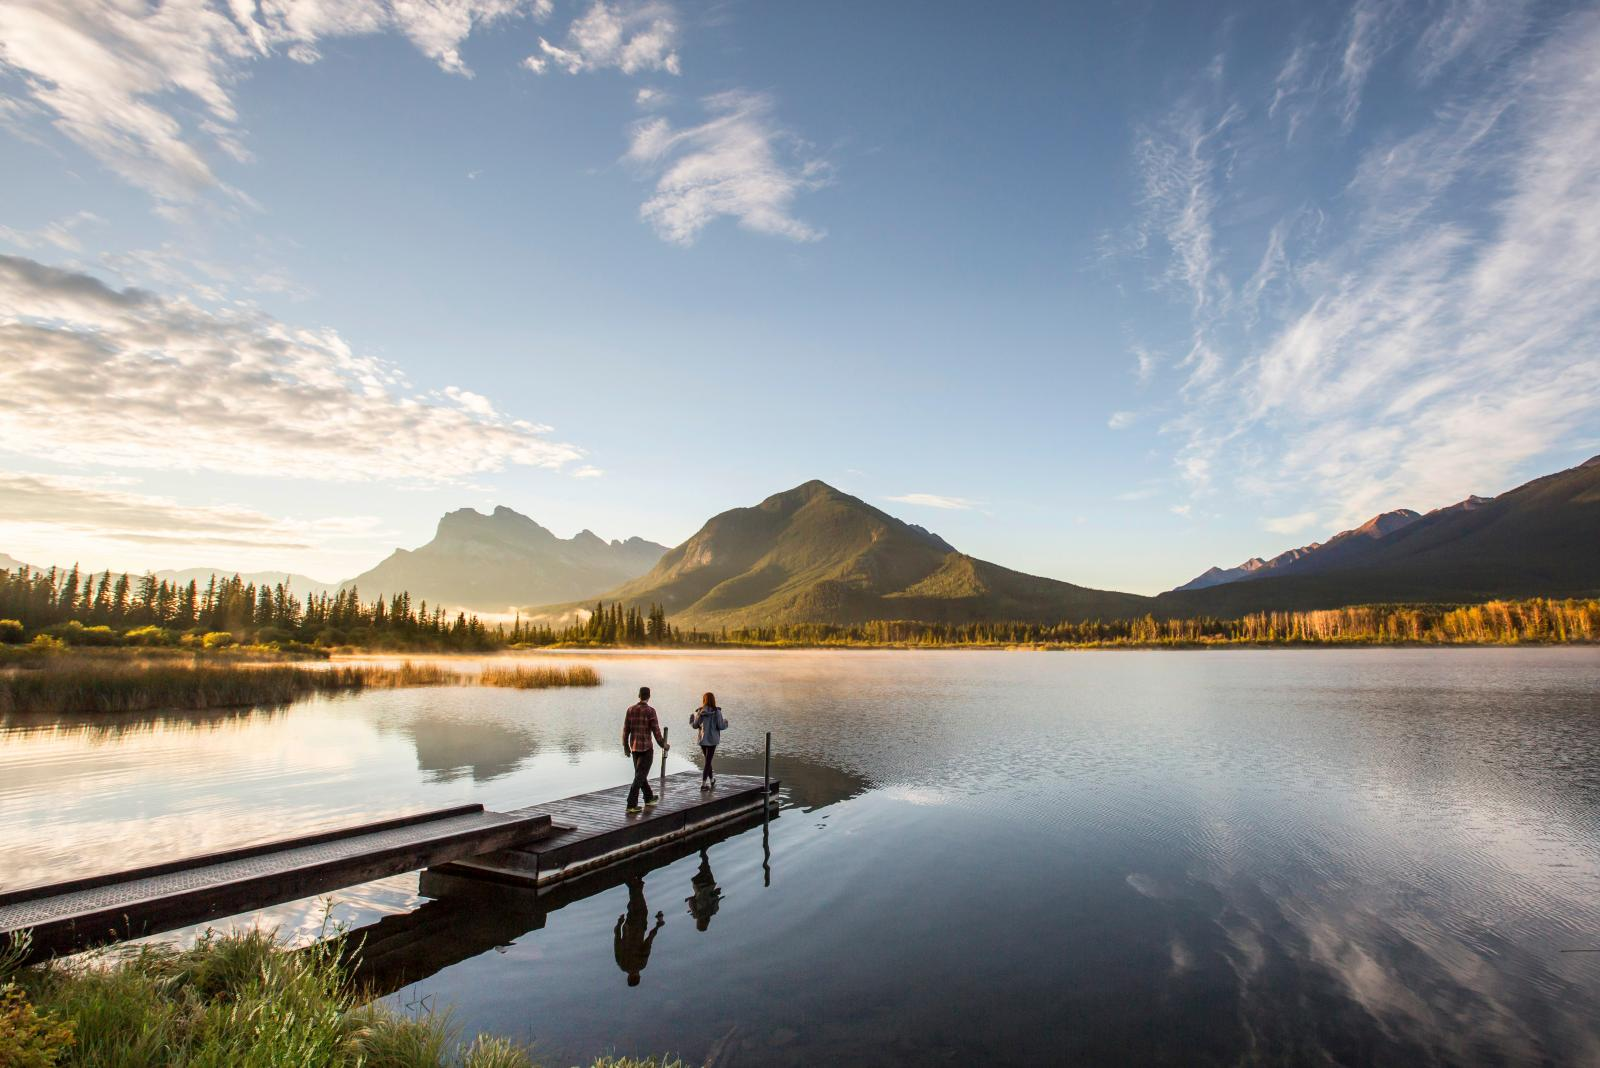 Strålande utsikter och mäktiga landskap i Bannfs nationalpark. Ett stopp Marcela och Nicholas ser fram emot.